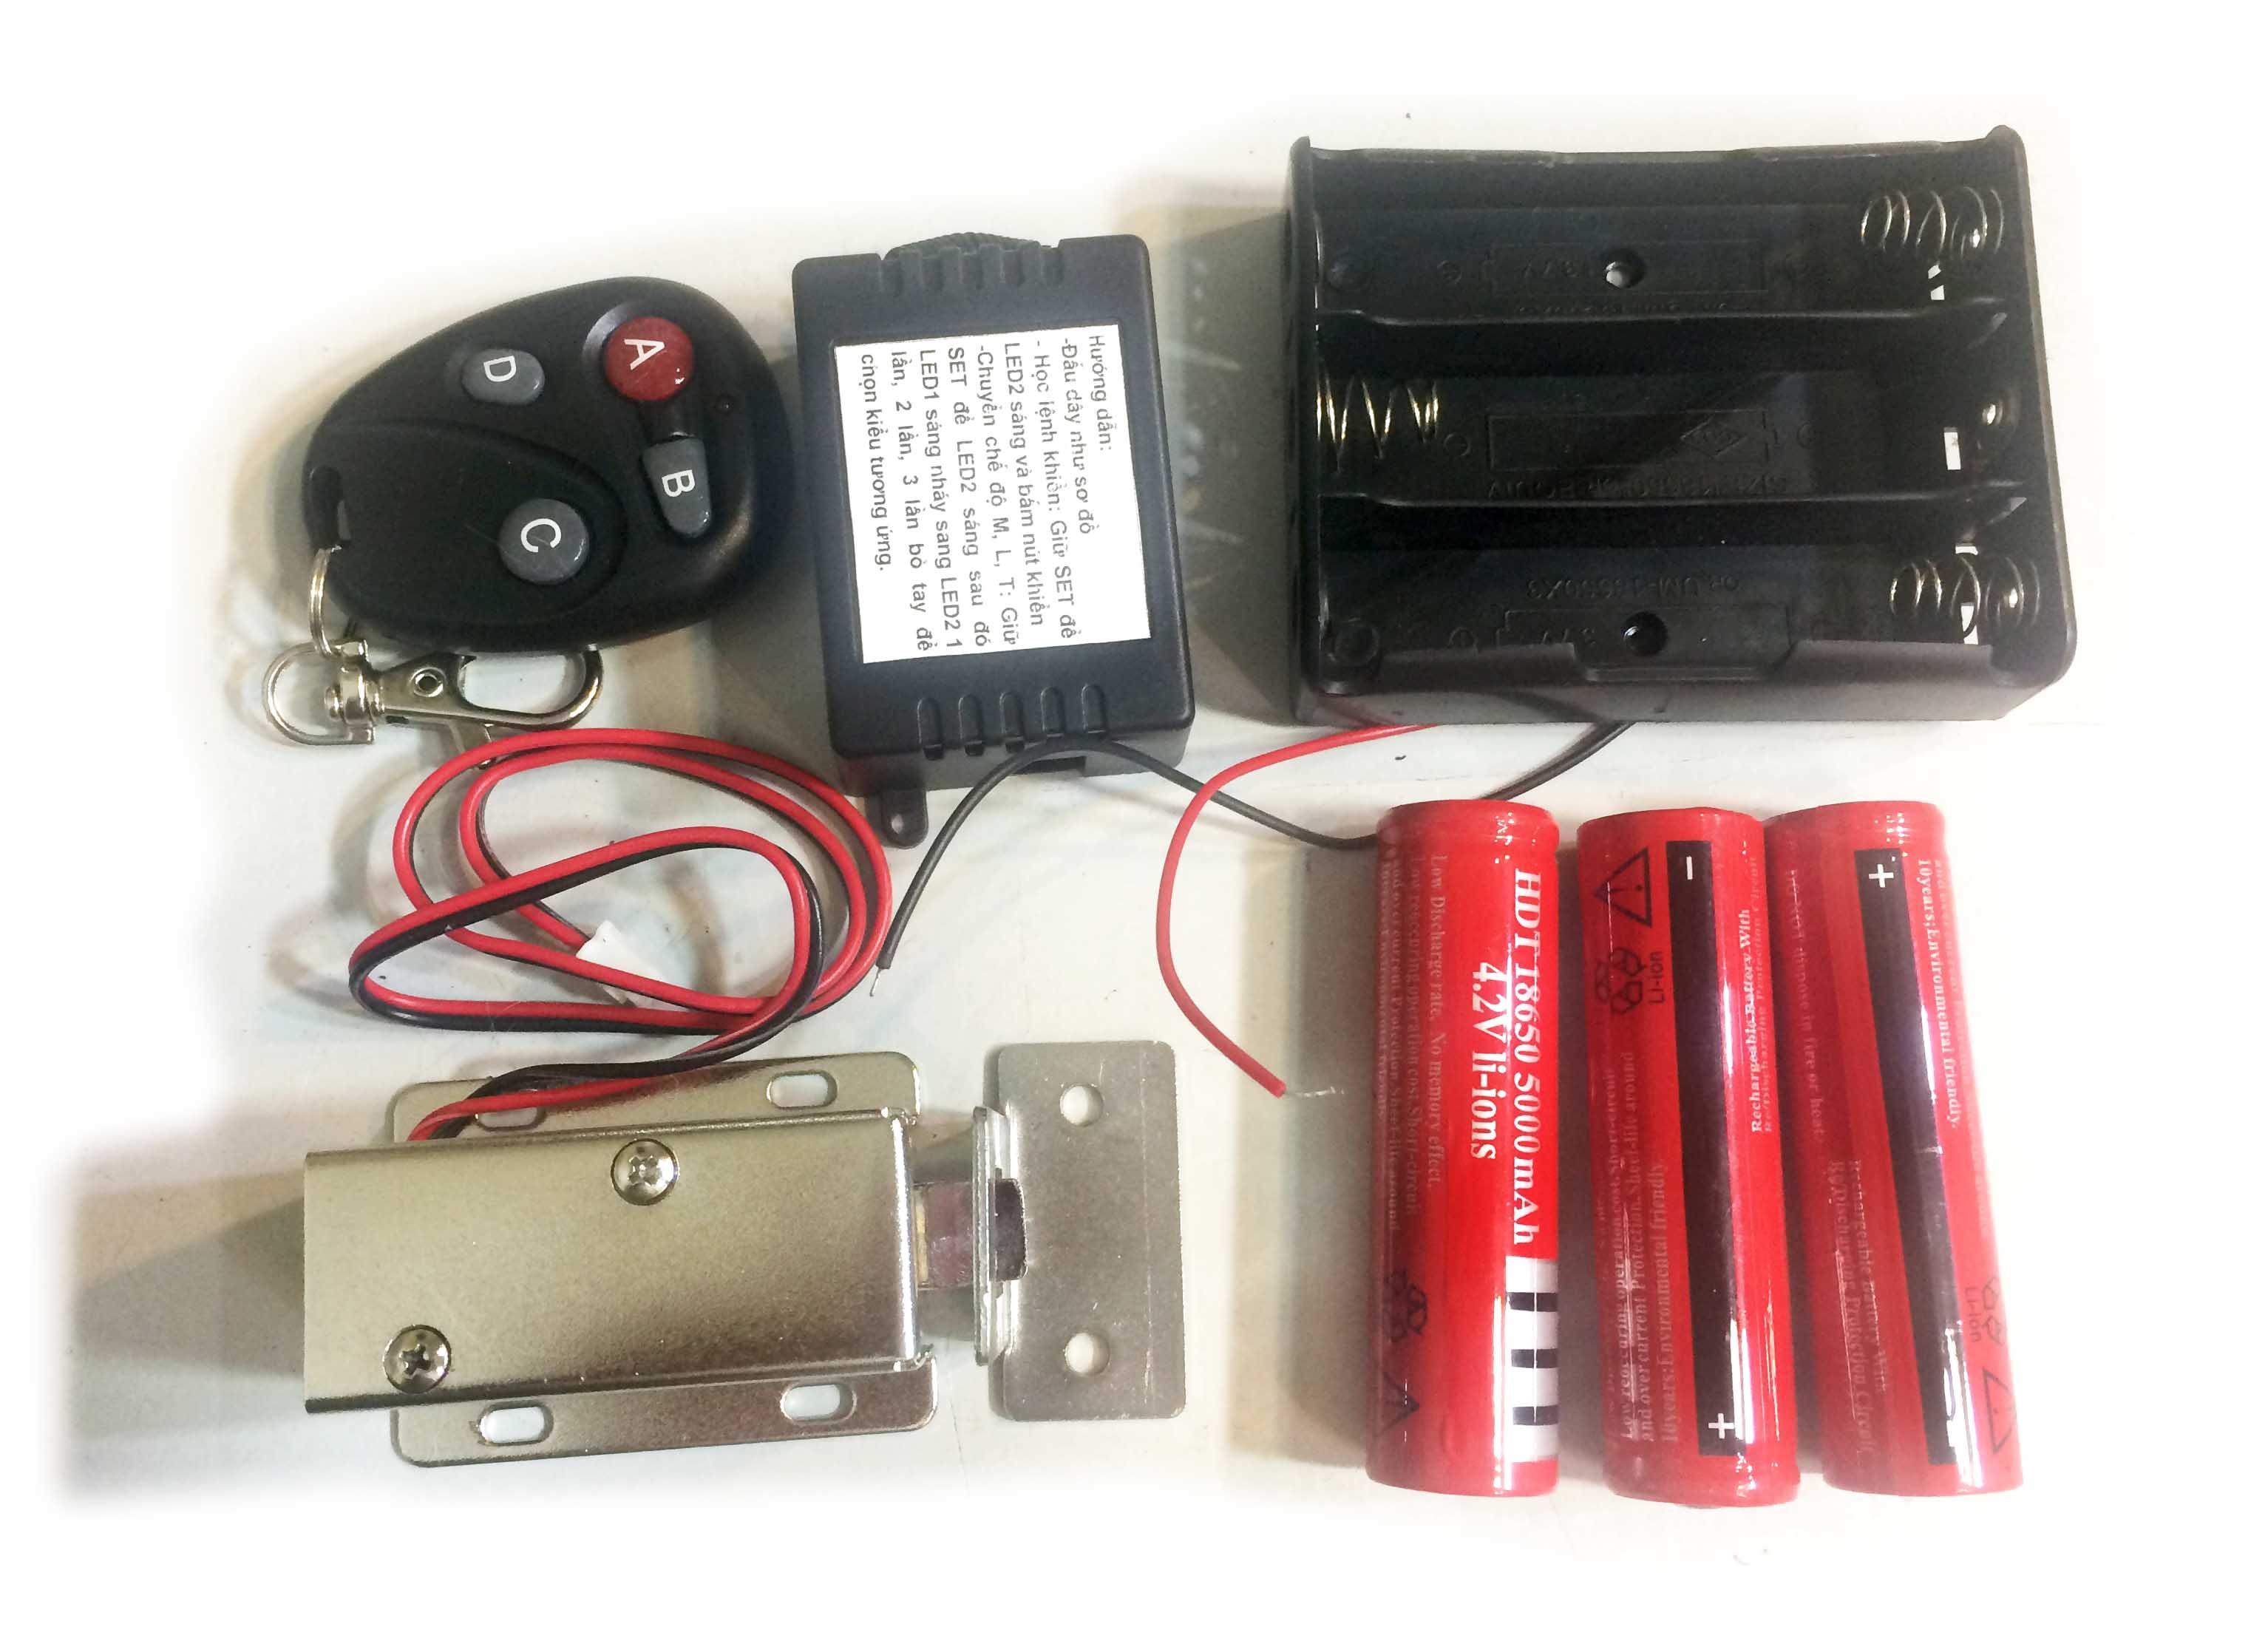 Bộ khóa điện khiển từ xa dùng pin sạc loại khóa